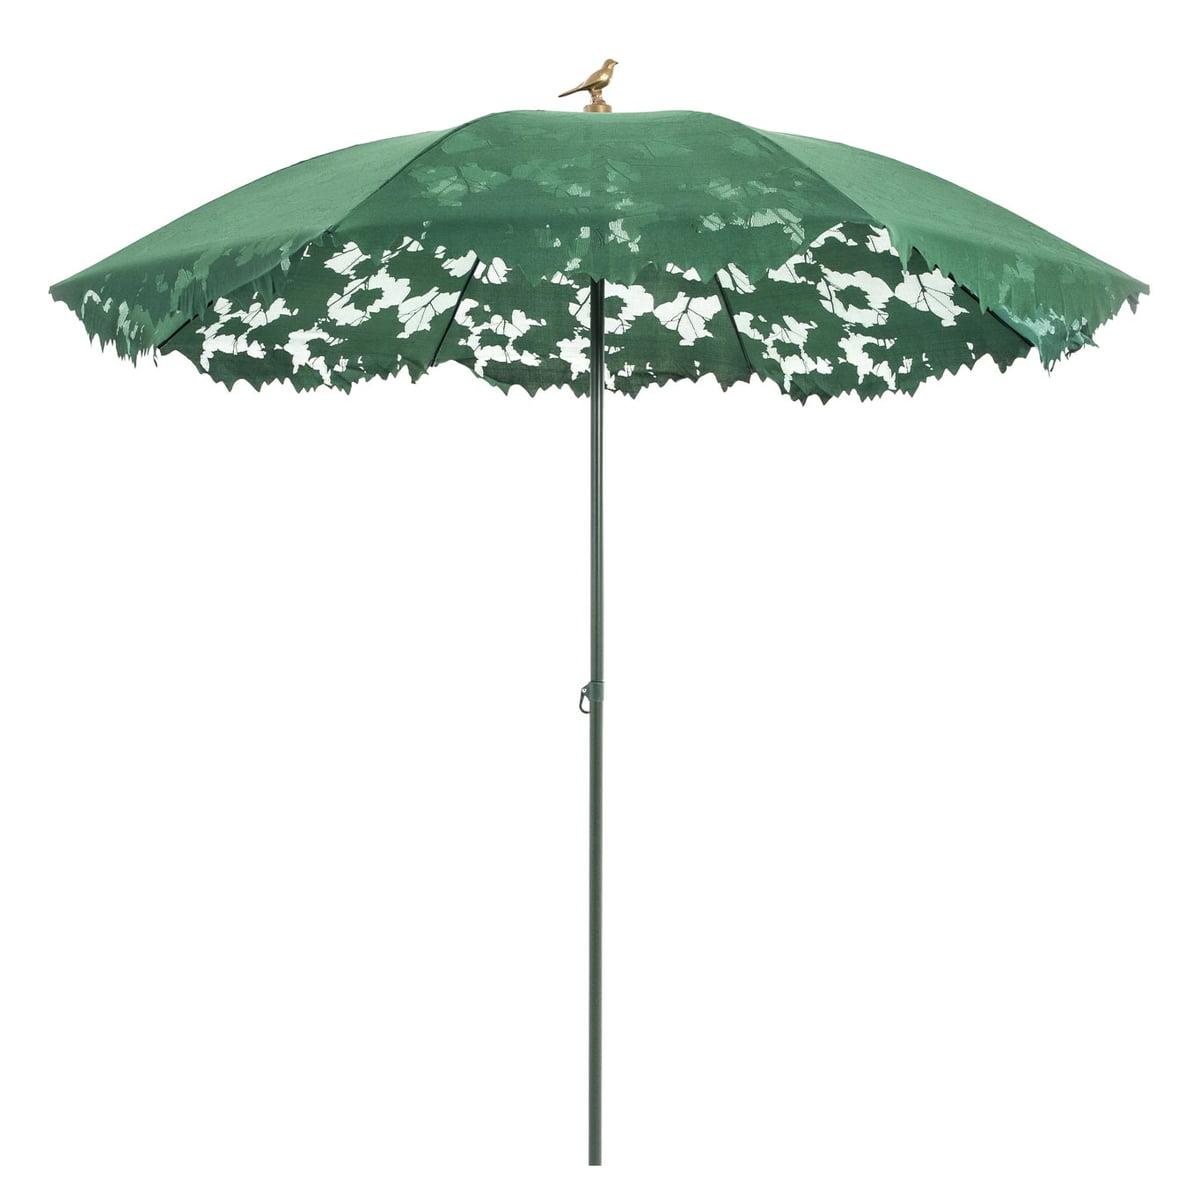 le parasol shadylace par droog dans la boutique. Black Bedroom Furniture Sets. Home Design Ideas